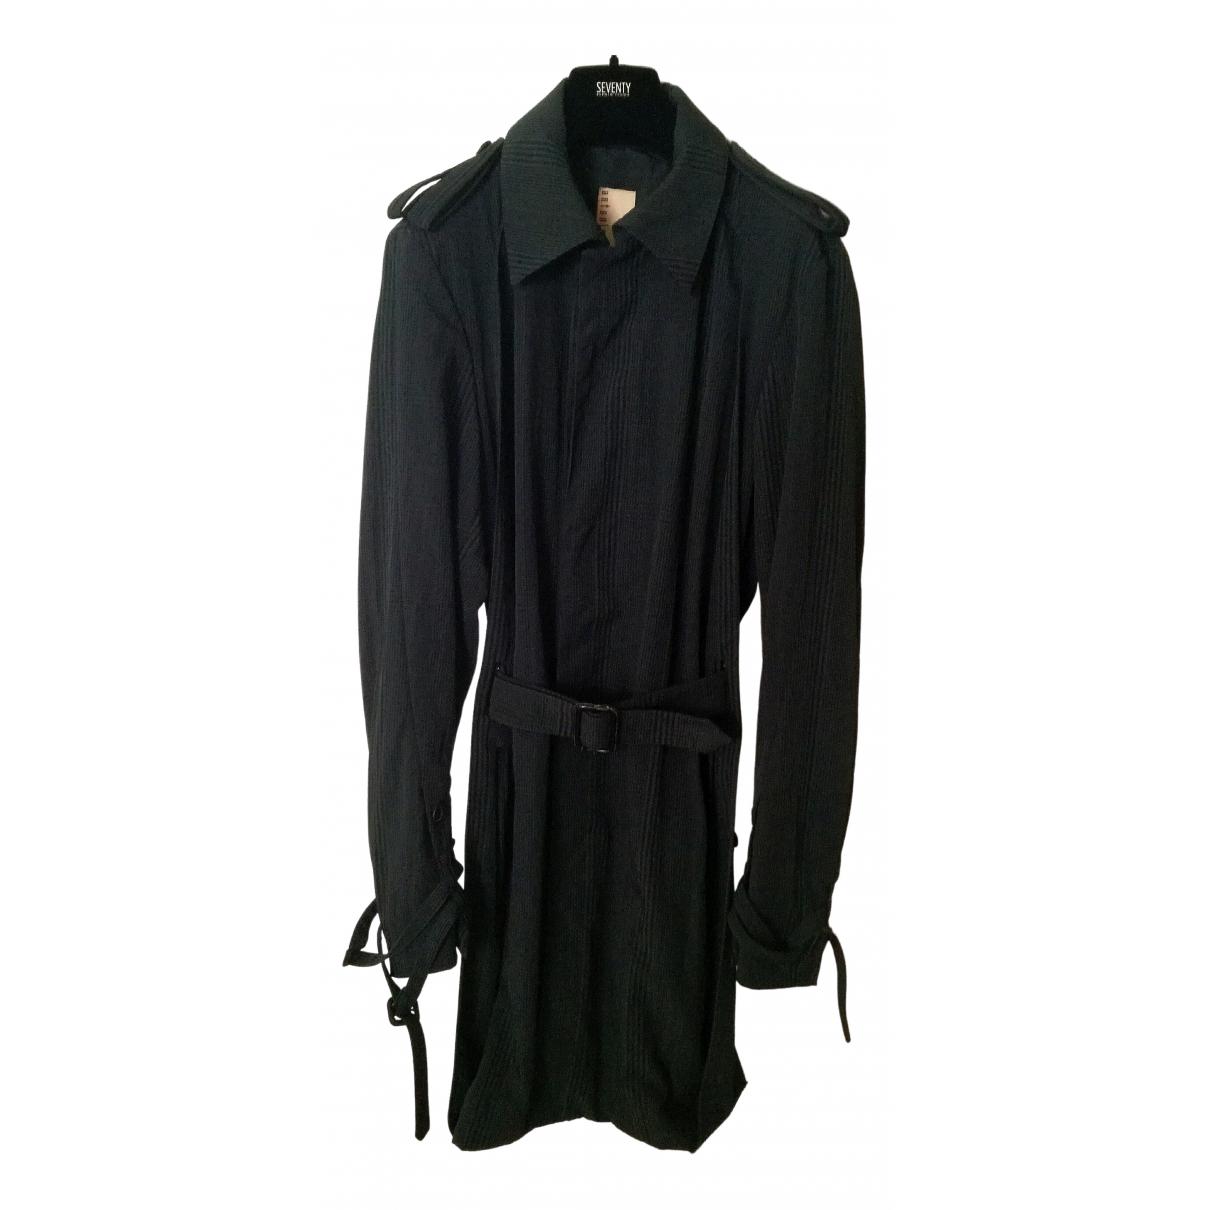 Antonio Marras - Manteau   pour homme - gris